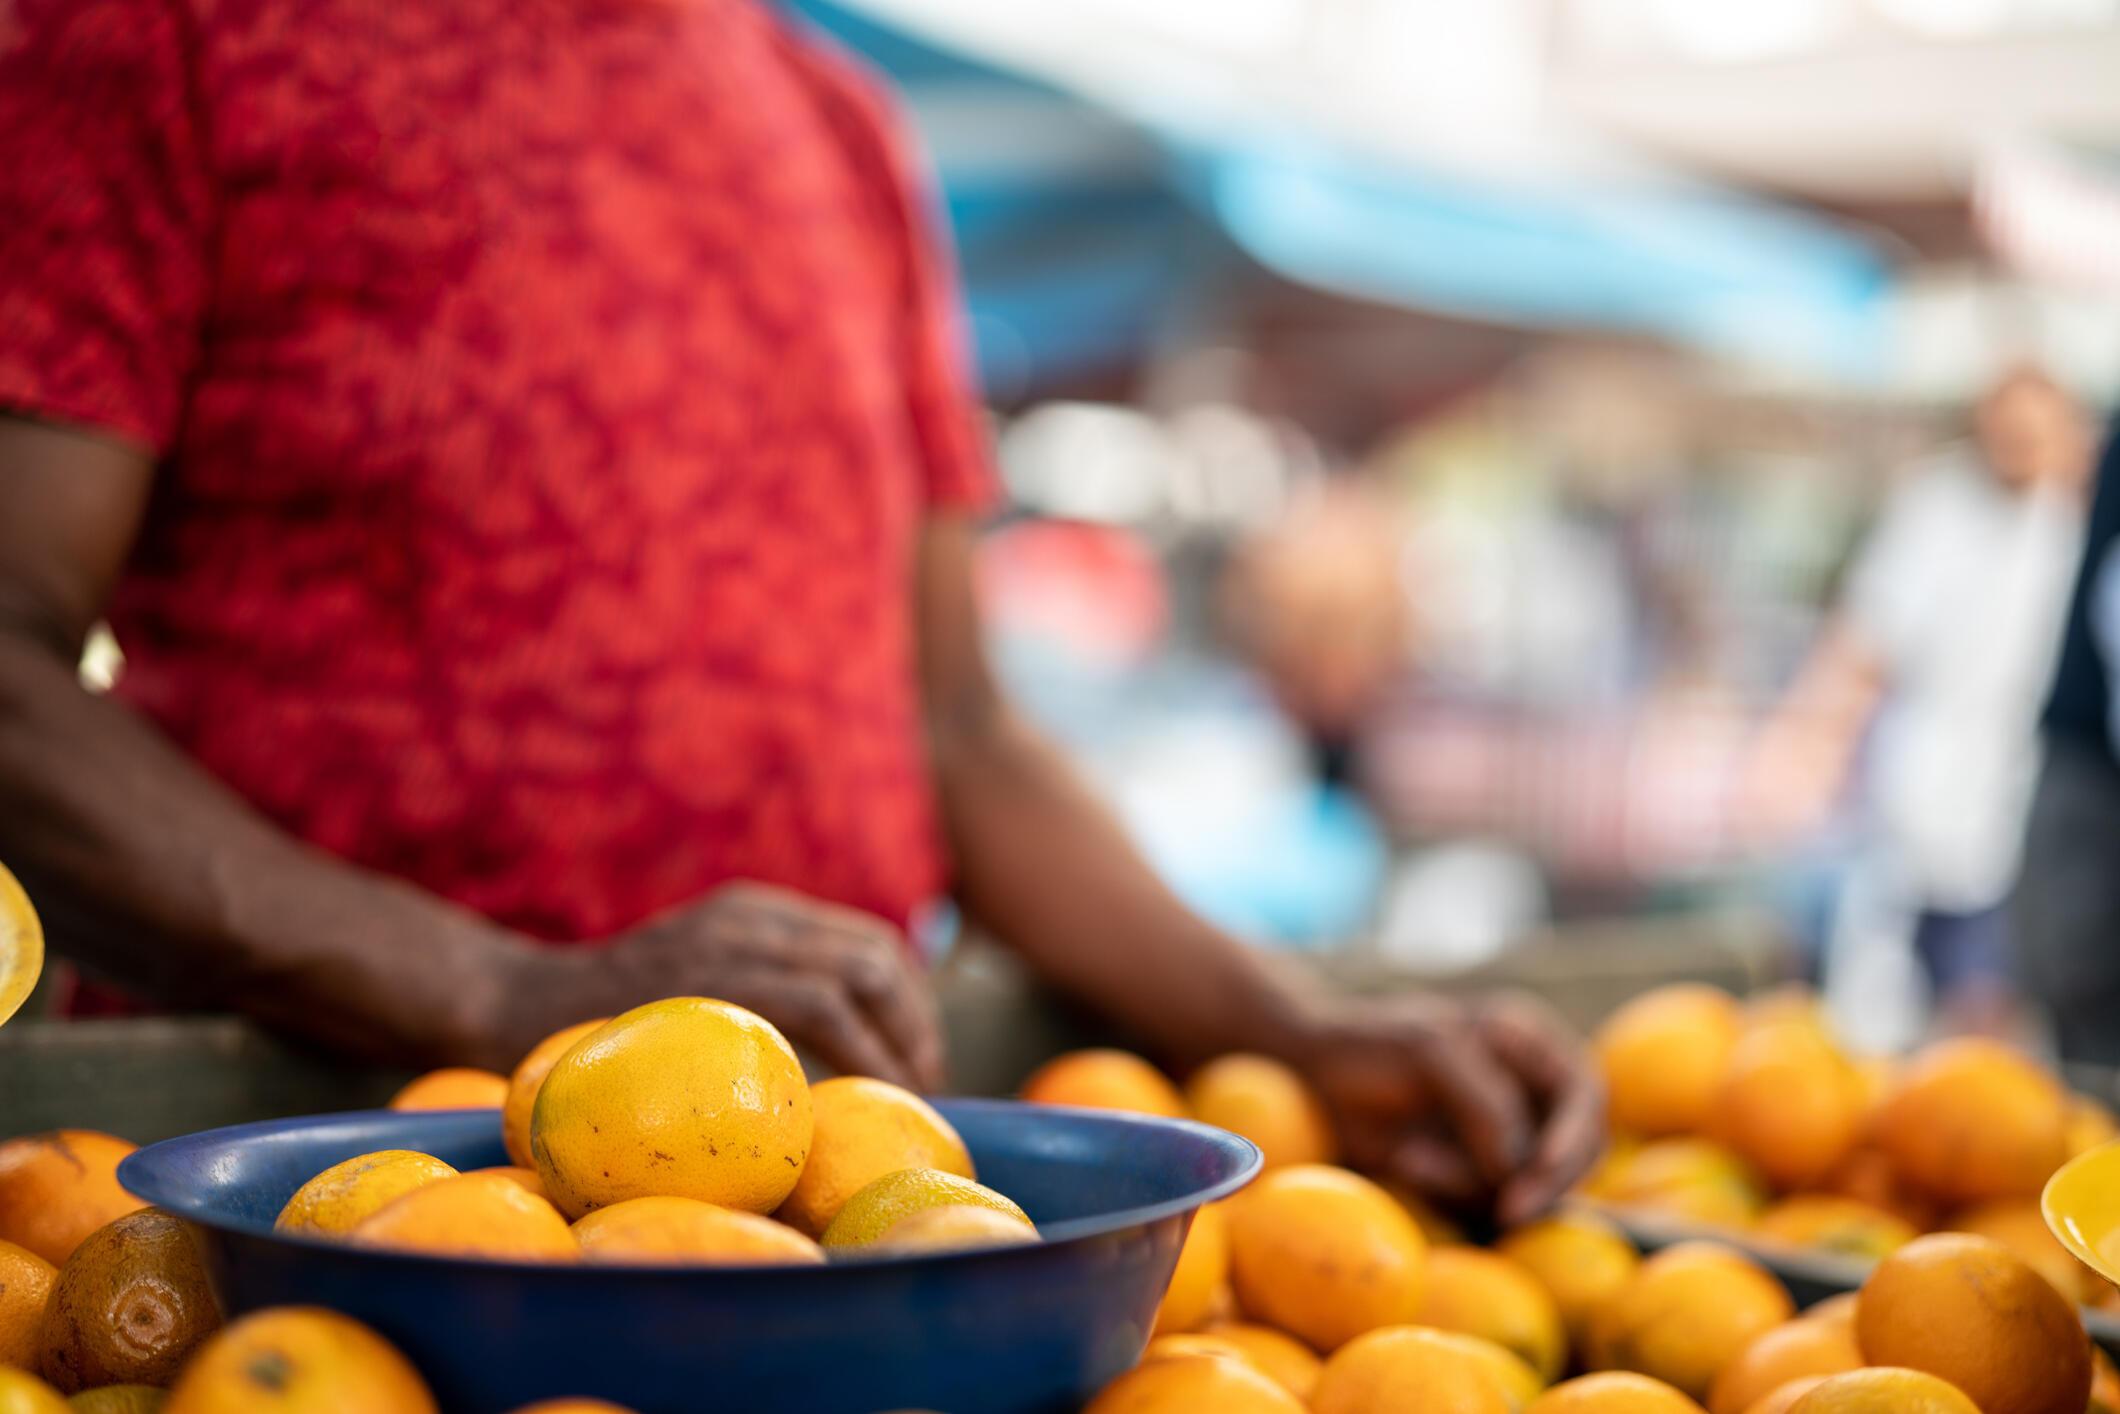 Ong Public Eye denuncia a precariedade de catadores de laranja no Brasil.